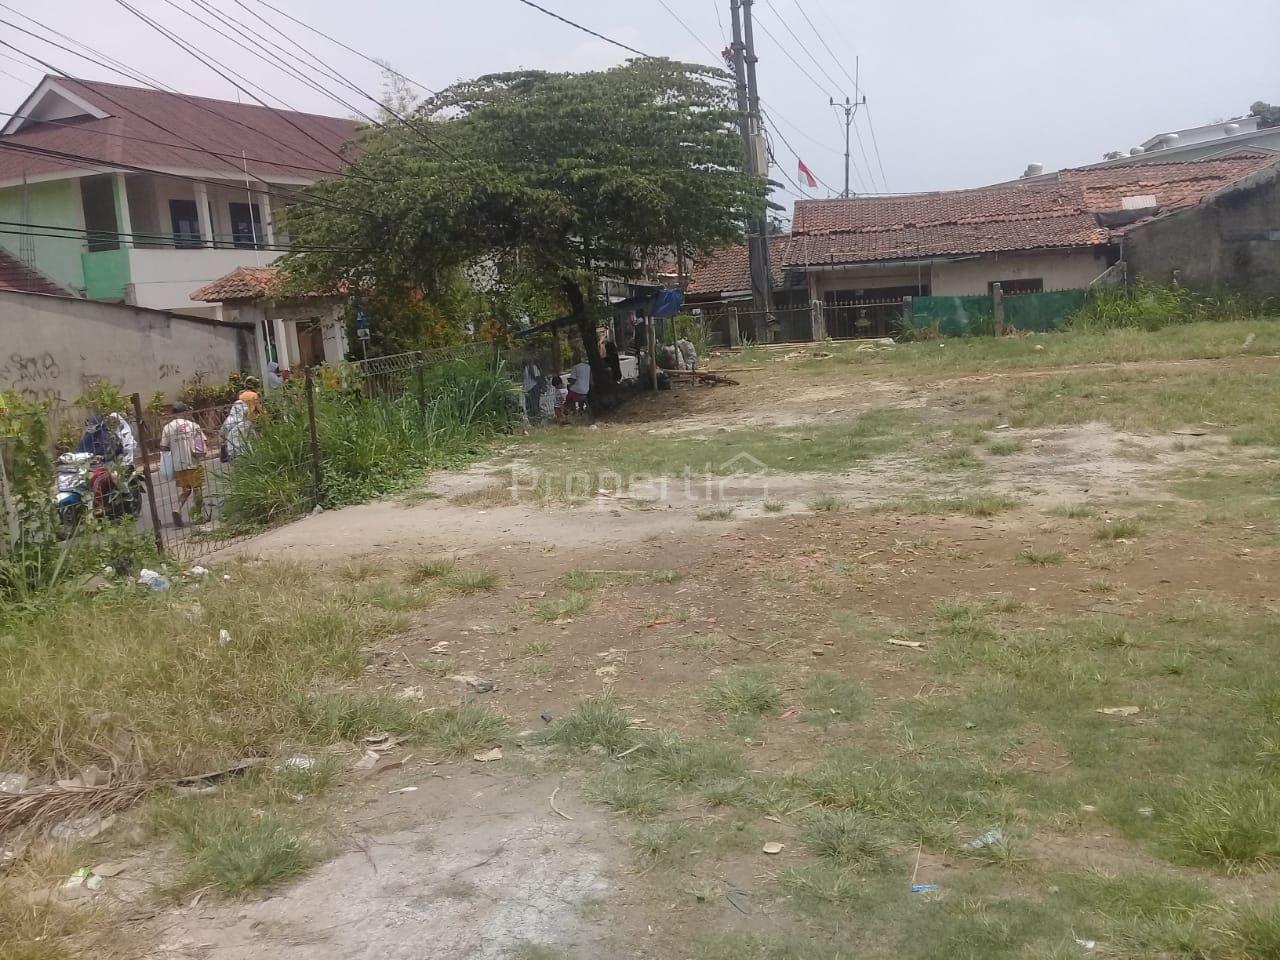 Land for Housing in Cipayung, Jawa Barat